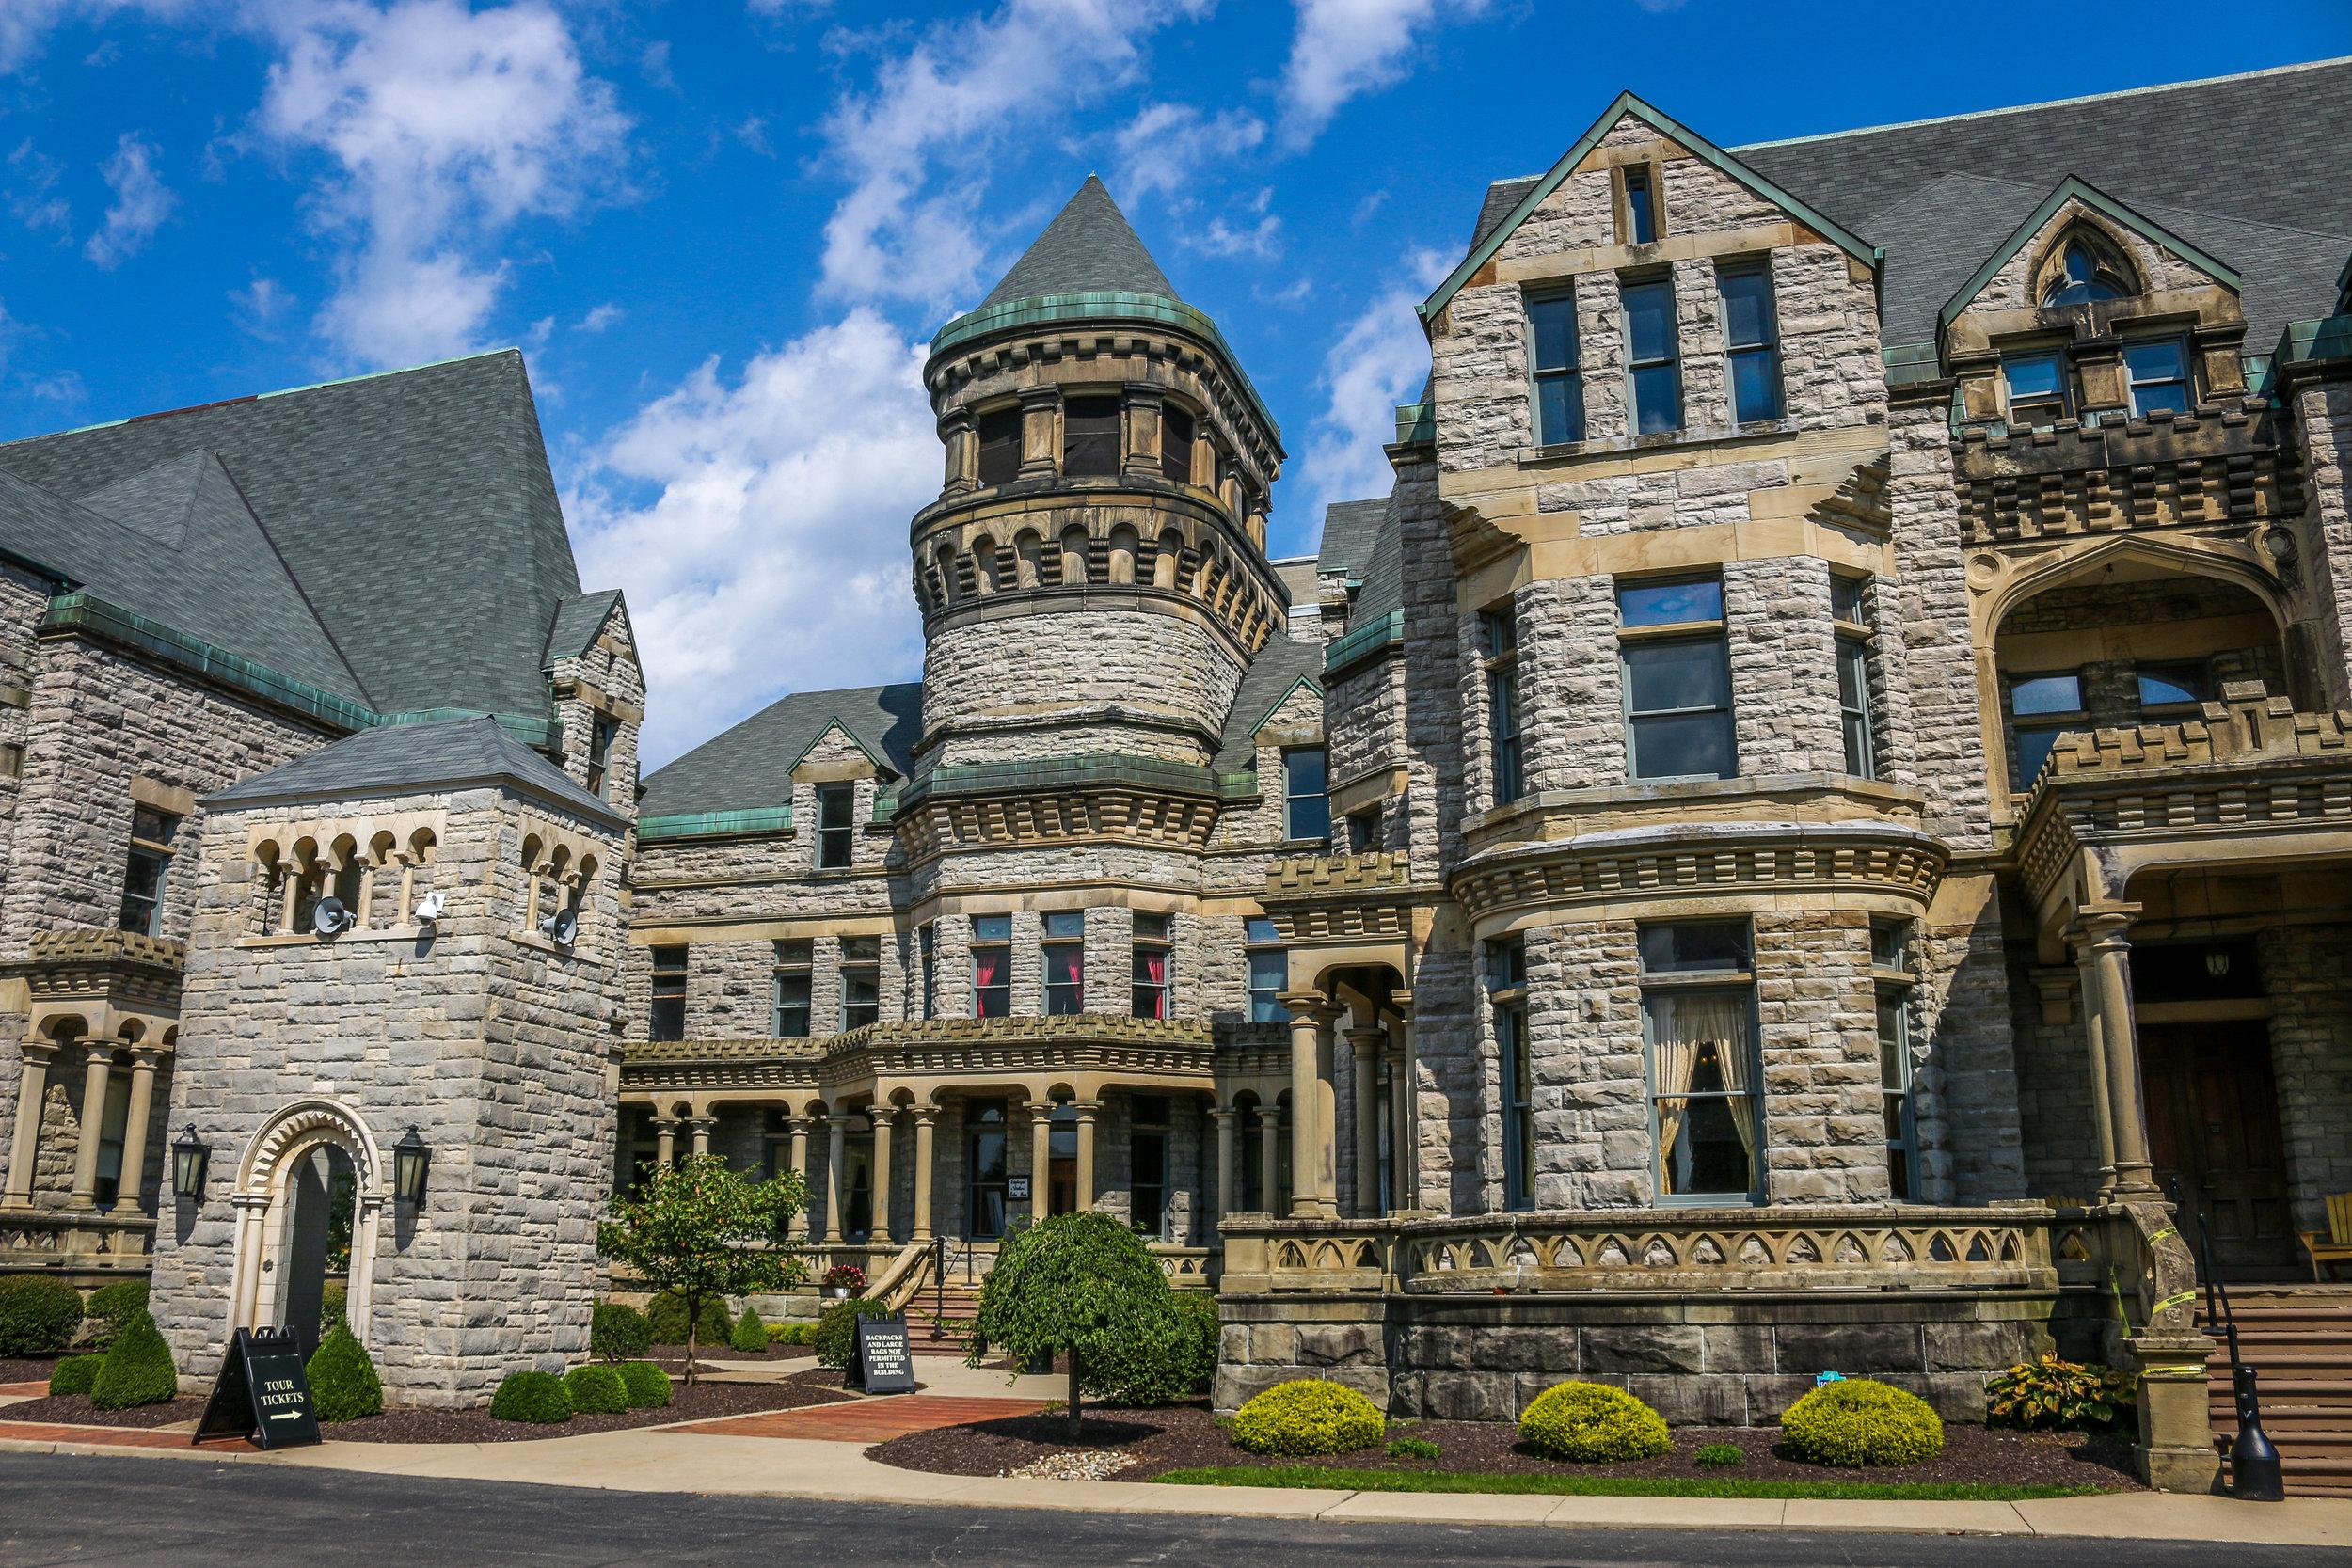 Ohio State Reformatory Mansfield Ohio OH Shawshank